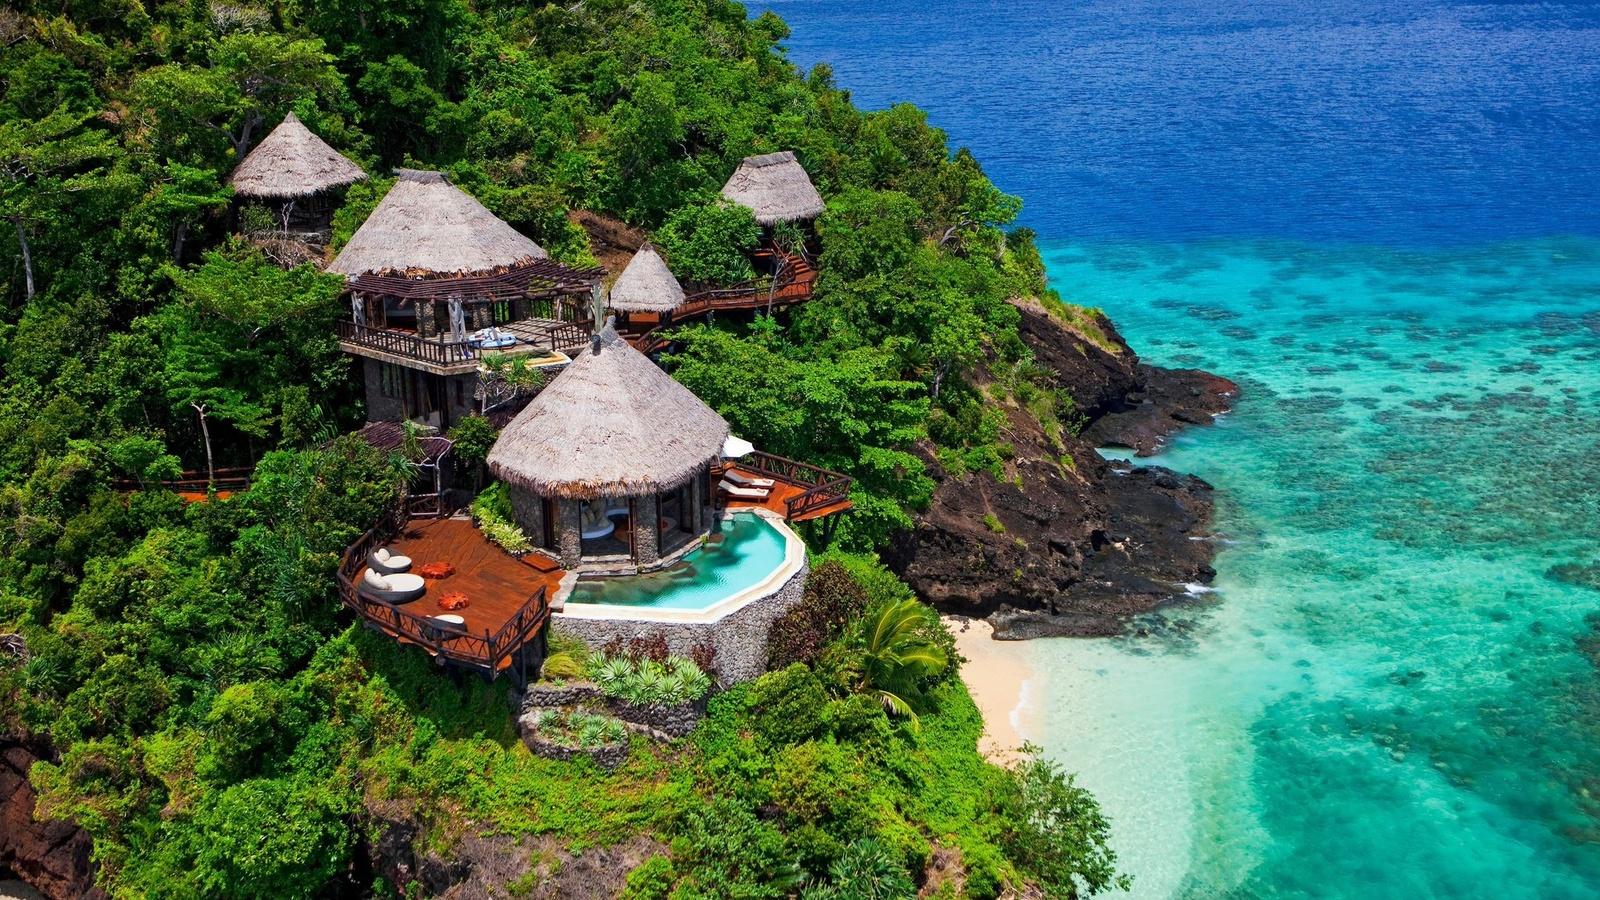 природа, пейзаж, тропики, океан, остров, гора, фиджи, курорт, растительность, бунгало